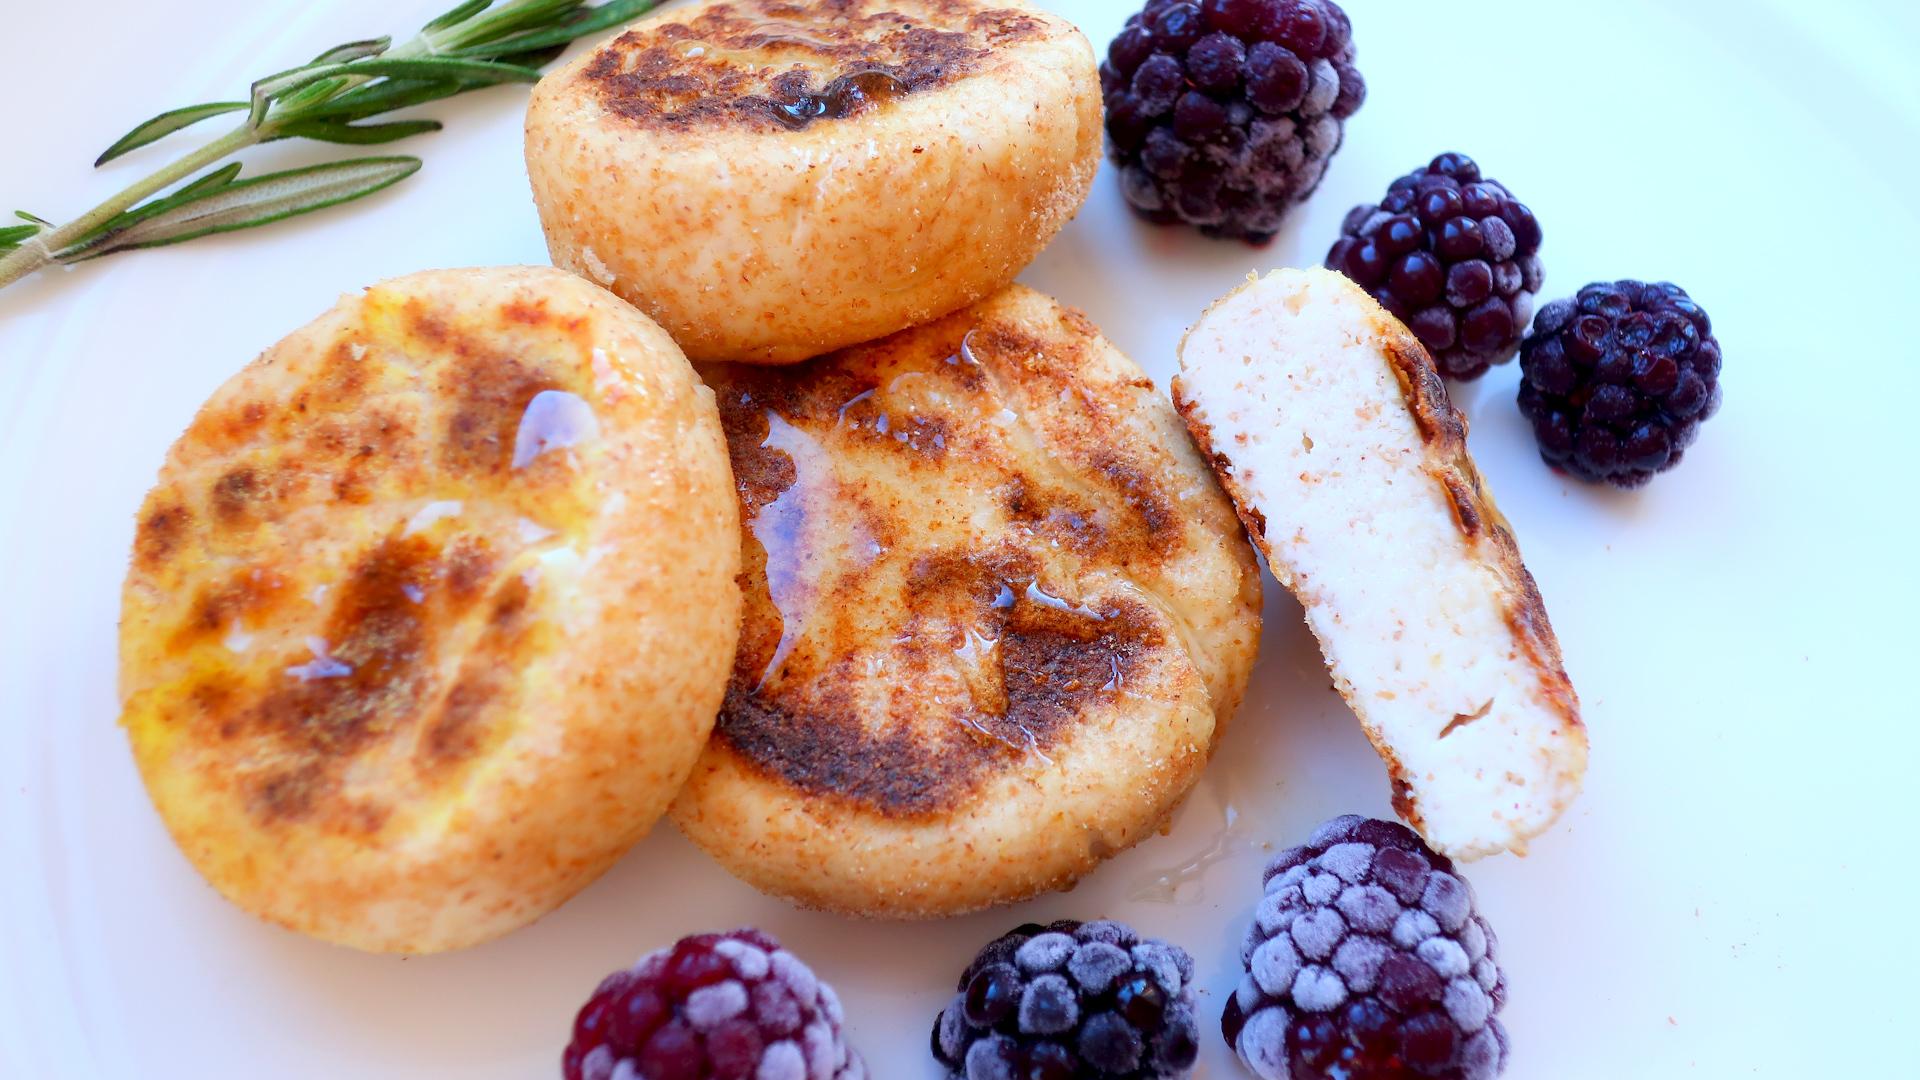 Сырники пп из творога. классический рецепт пп сырников из творога | здоровое питание